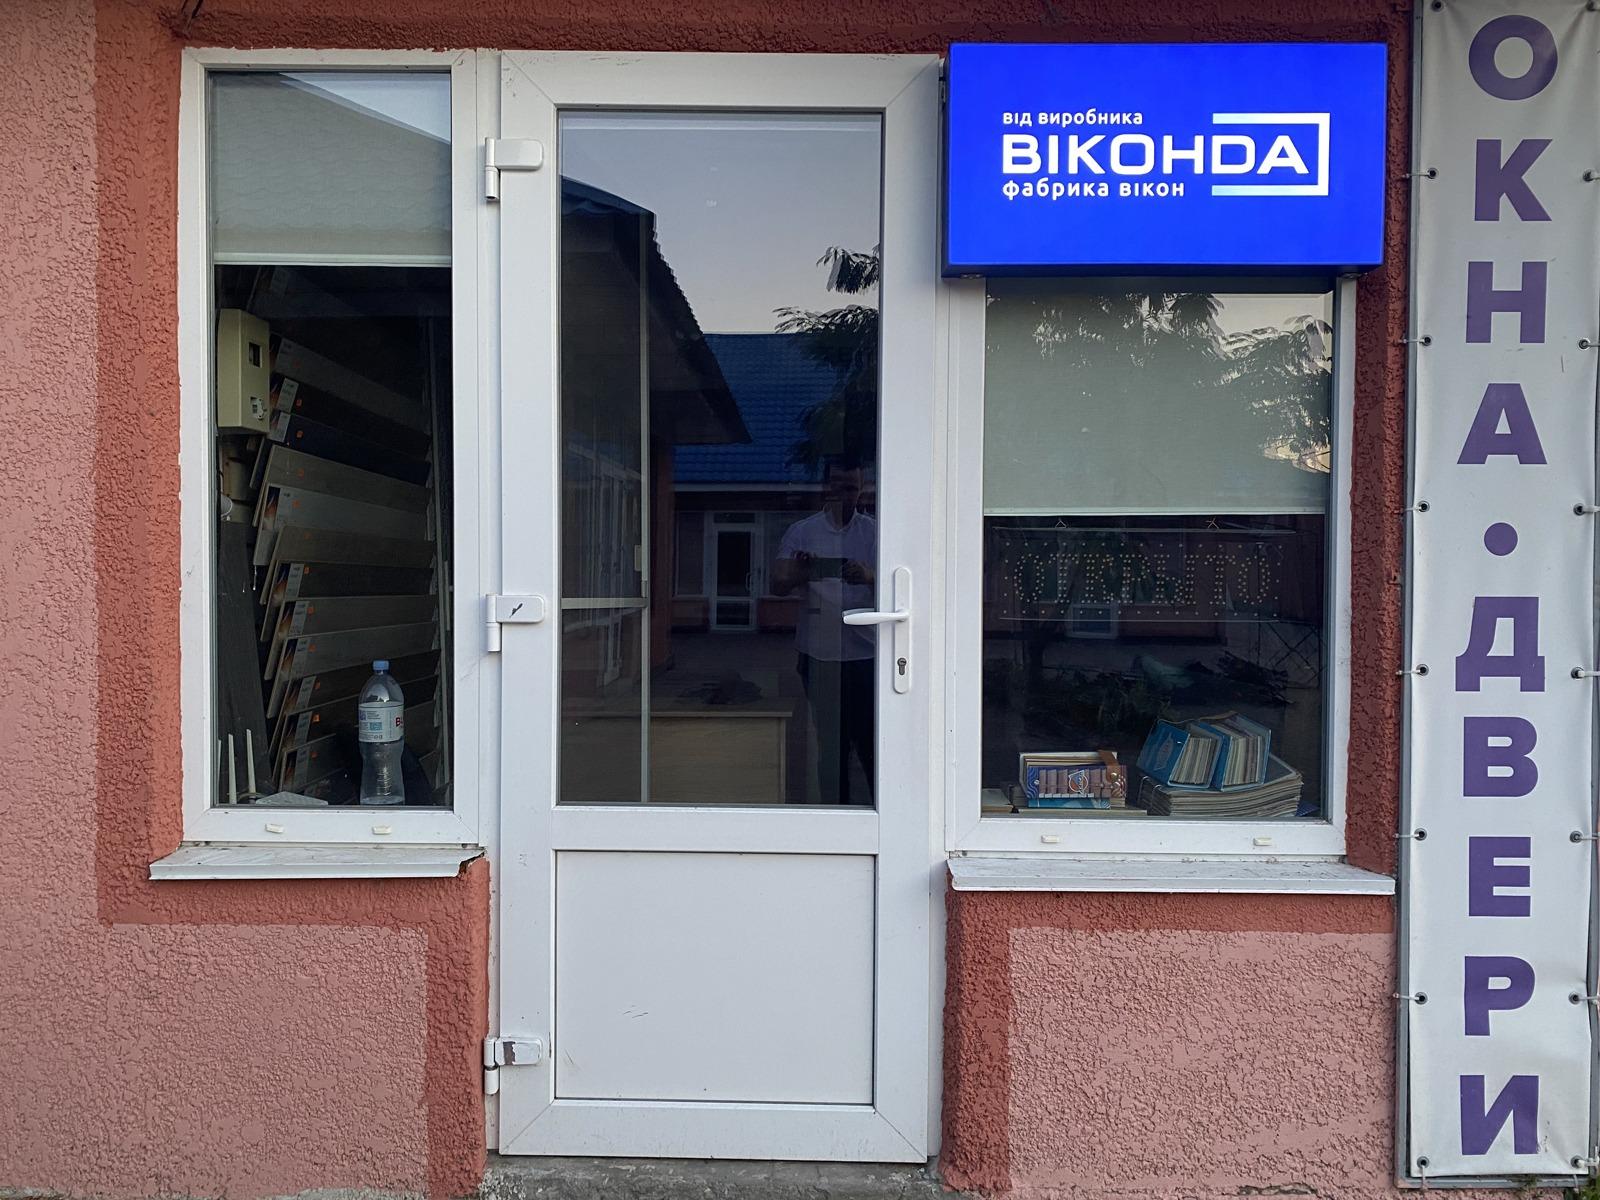 салон Віконда у Вилково